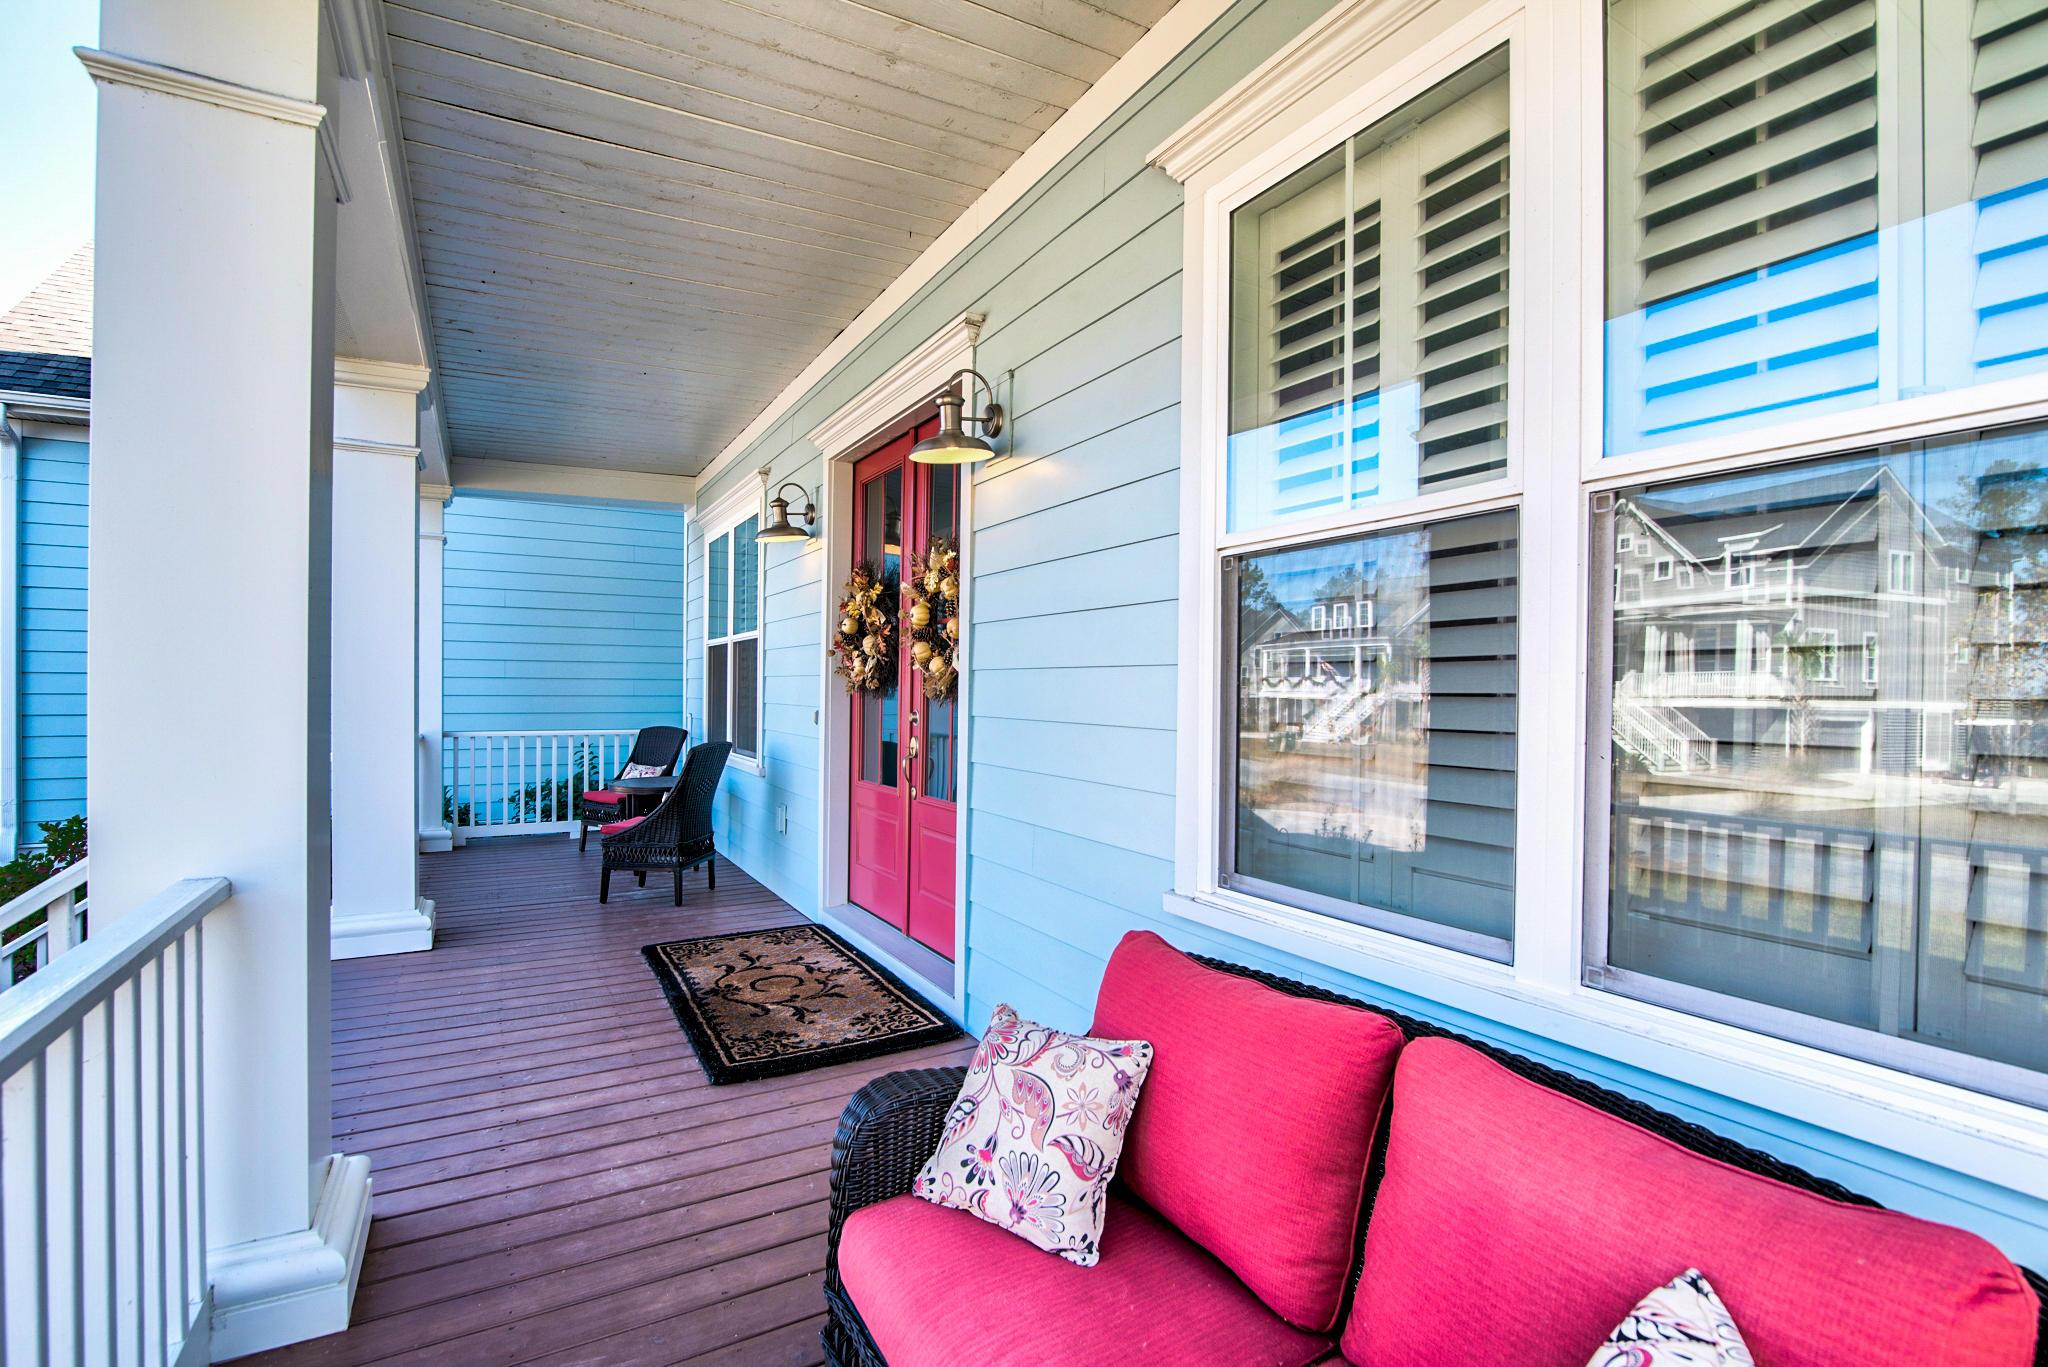 Dunes West Homes For Sale - 2883 River Vista, Mount Pleasant, SC - 57